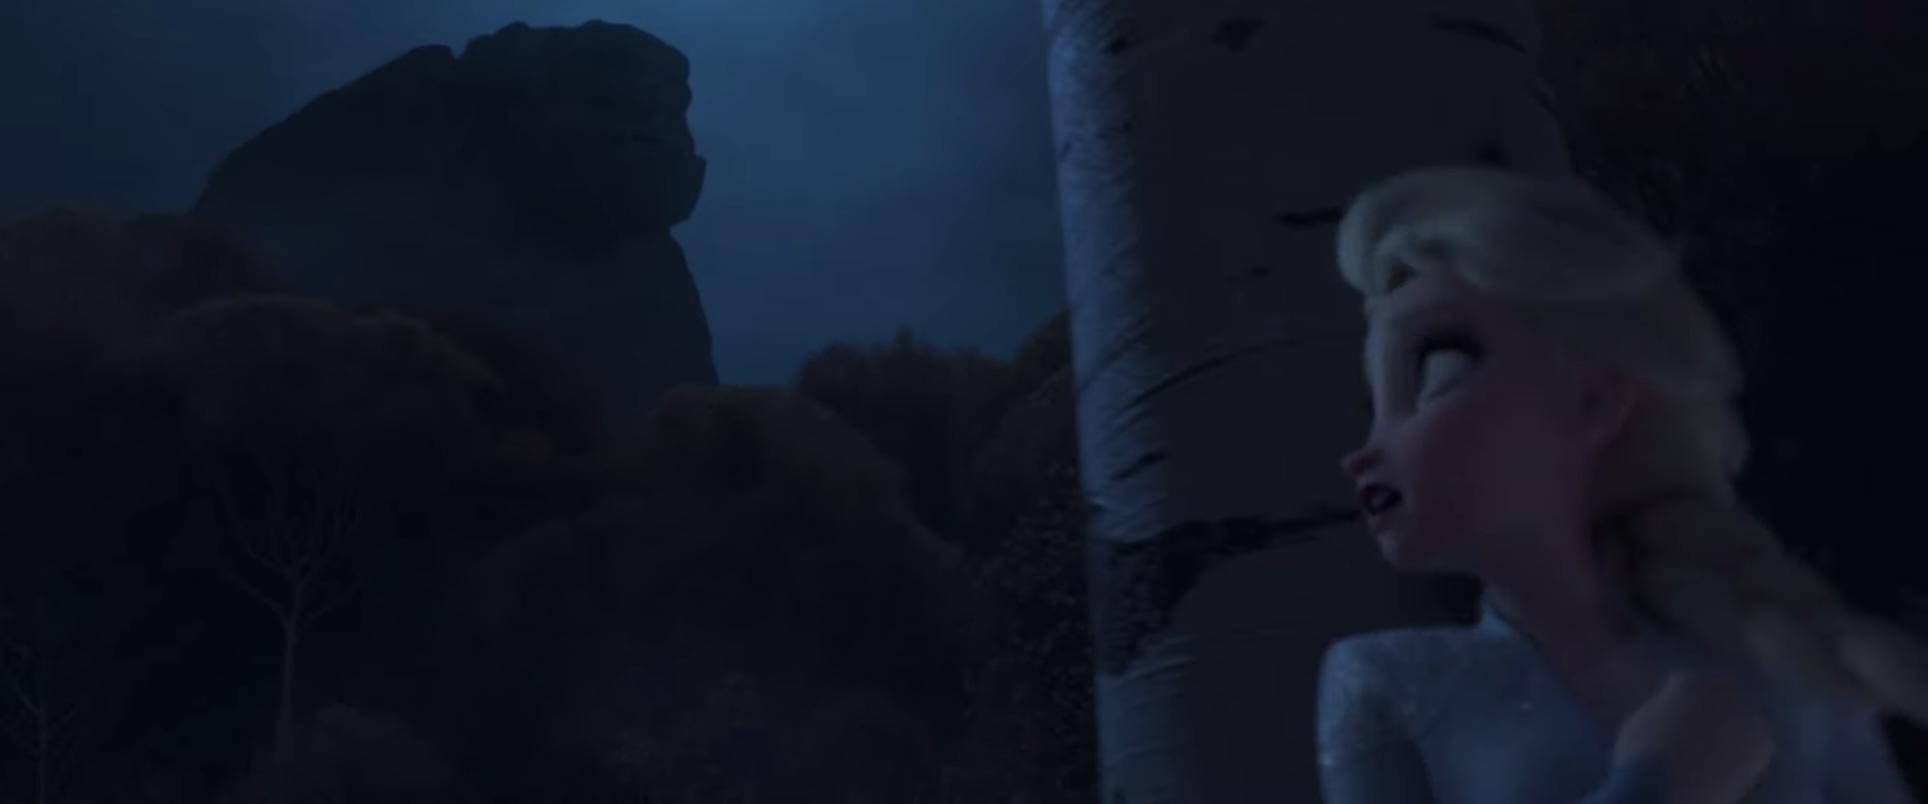 Frozen 2 tung trailer hoành tráng chẳng khác nào phim siêu anh hùng - Ảnh 8.